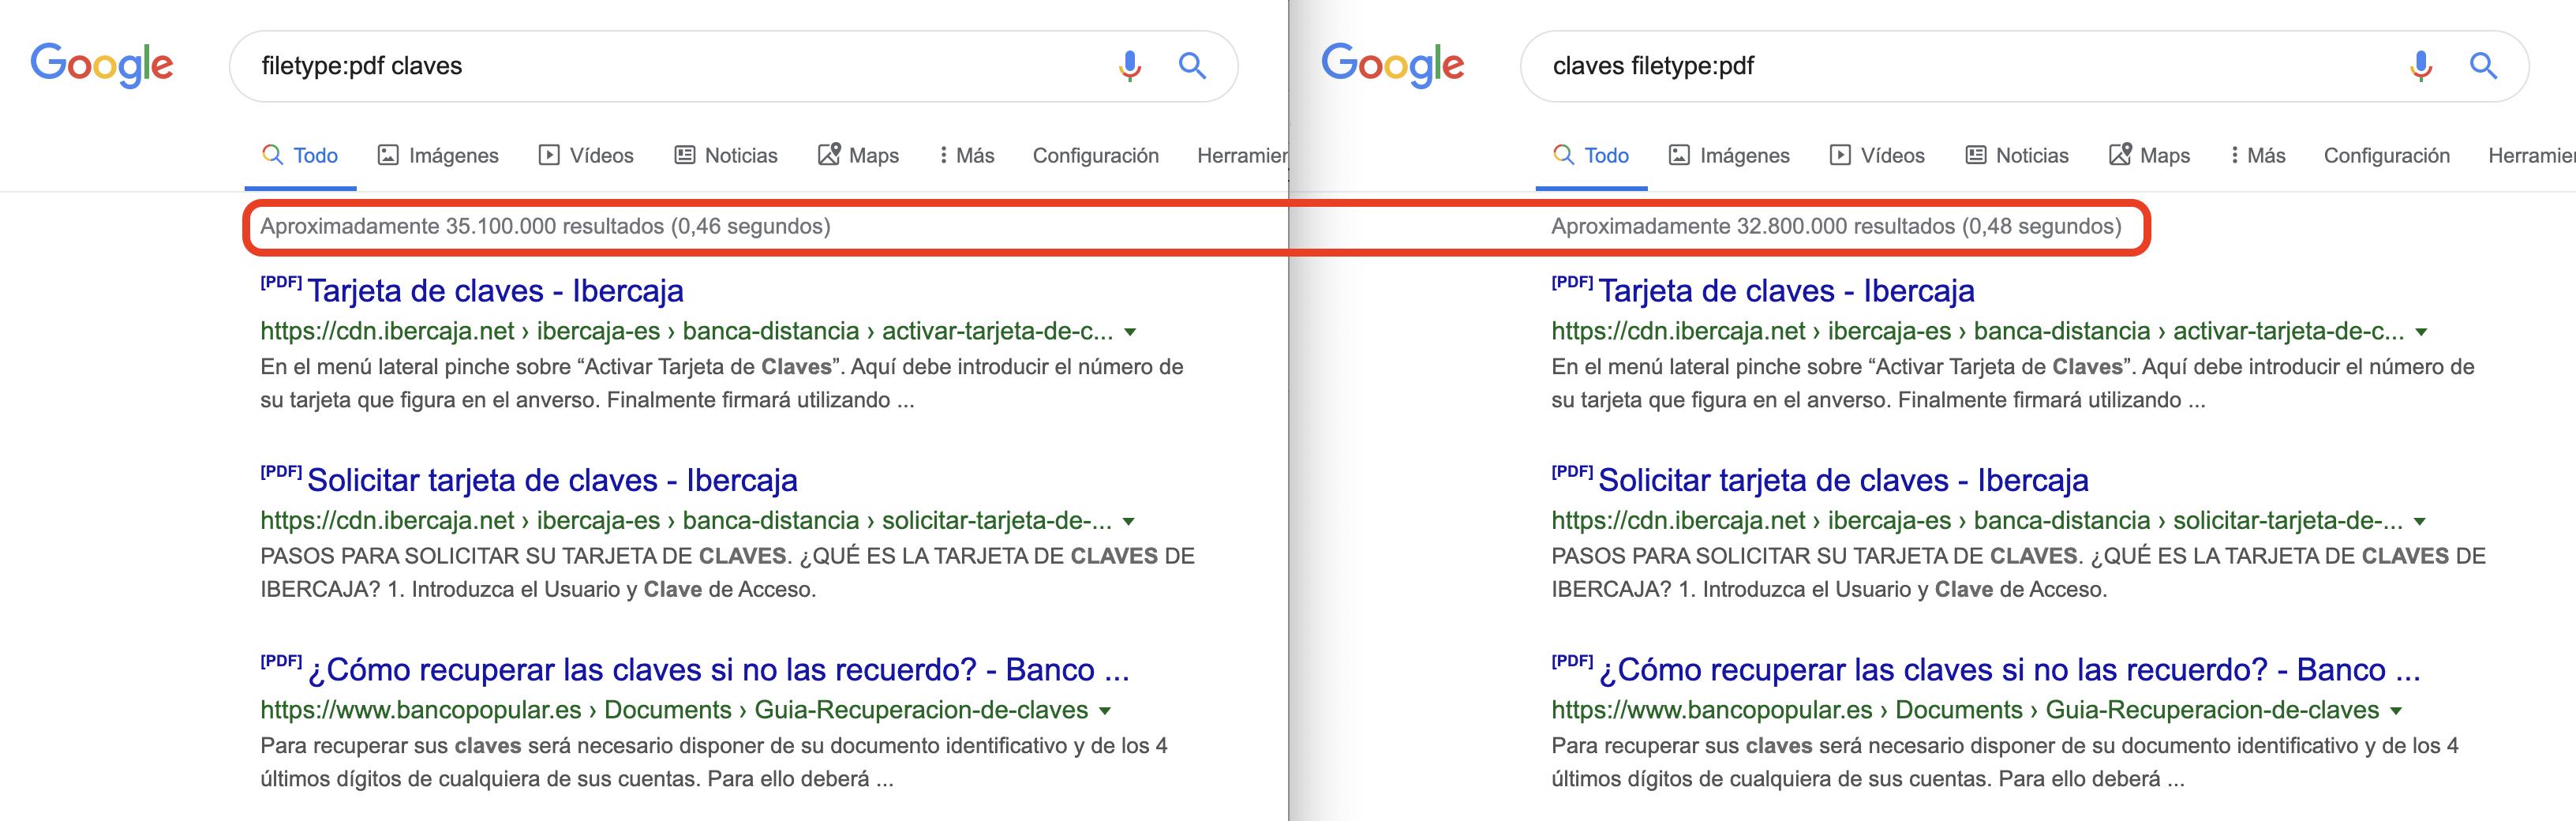 Búsqueda avanzada en Google - Trucos de búsquedas